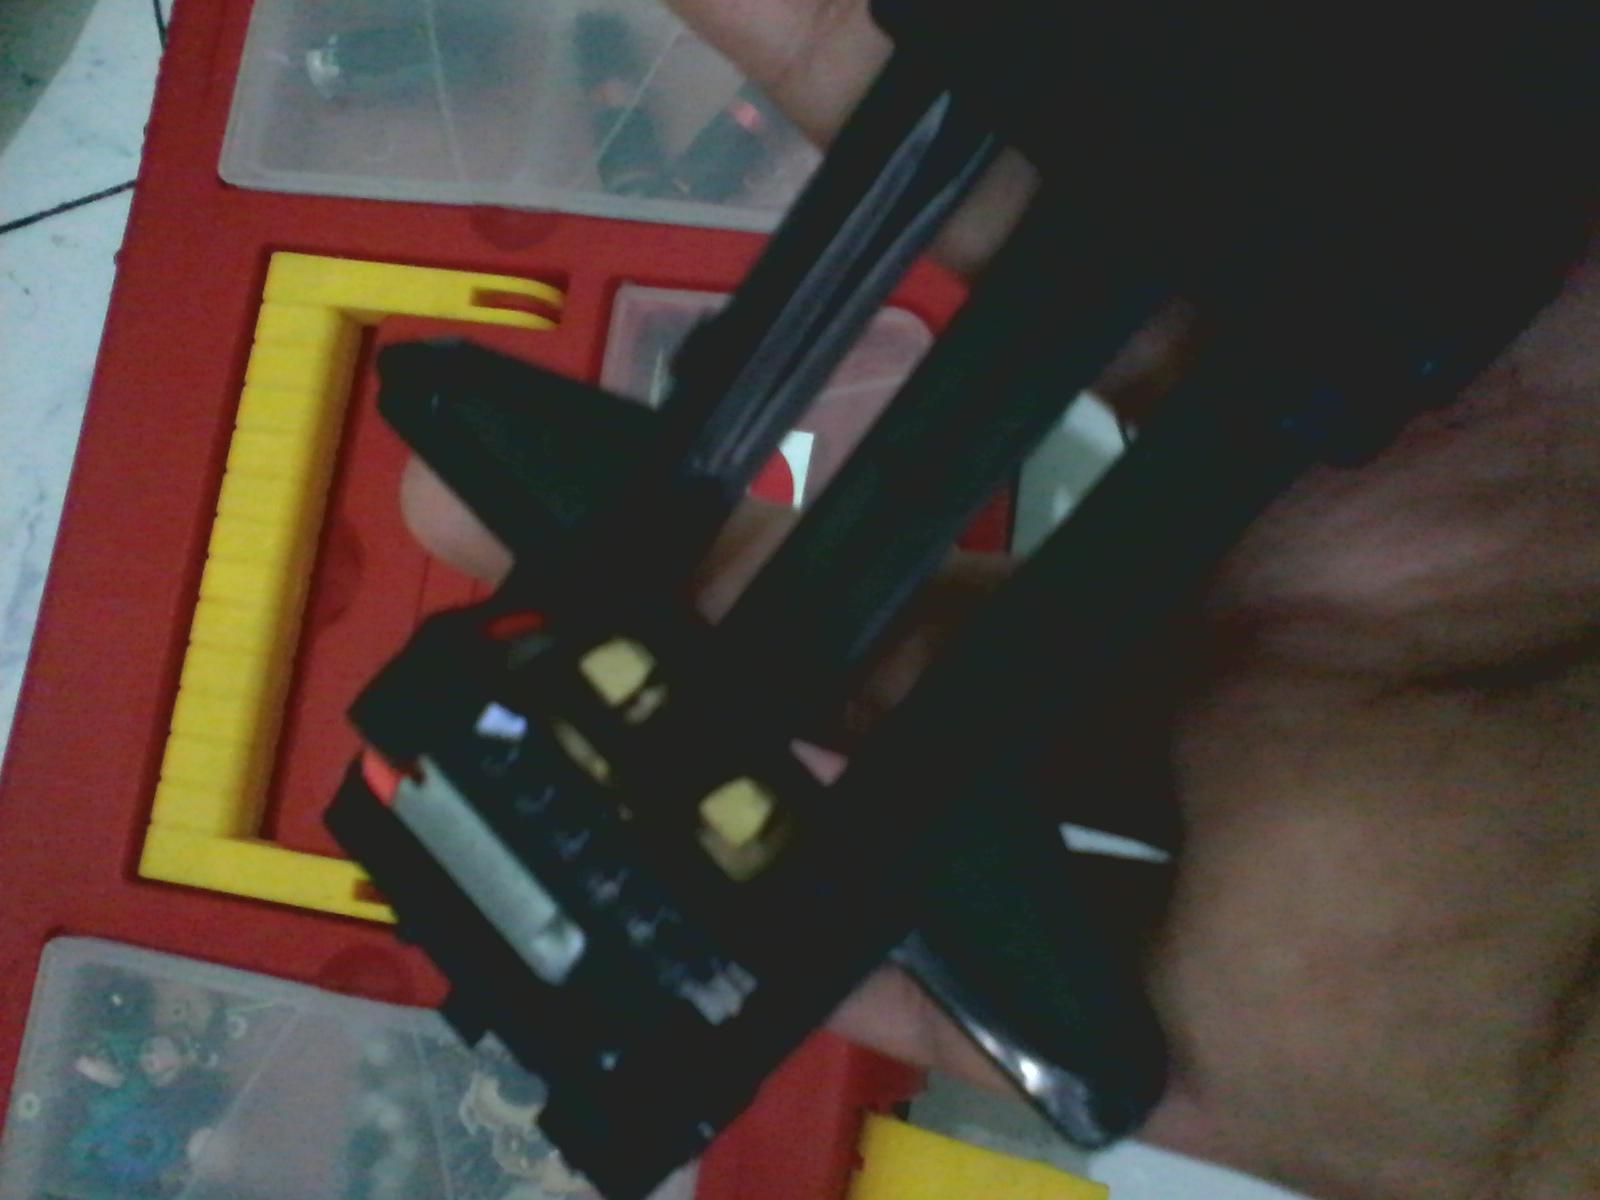 Ctt Tamiya Shop Sindangkasih Trik Break In Dinamo Engine Trick Sloop 4dinamo Akan Hidup Dan Mengalami Putaran Meningkat Biarkan Itu Hingga Berjalan 5 Menit Setelah Dirasa Sudah Panaskemudian Switch Off Maka